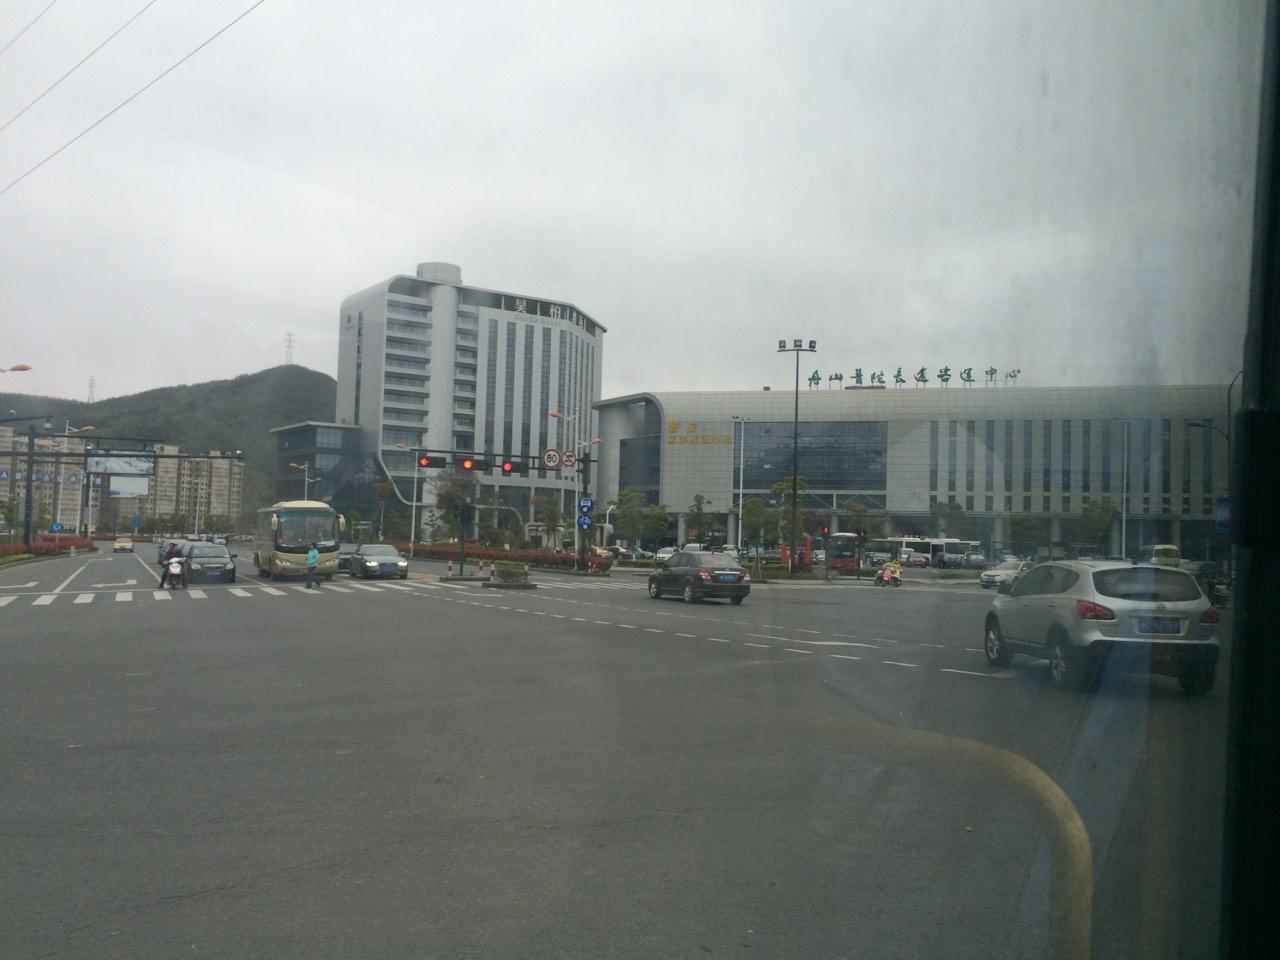 苏州汽车南站早上到宣城的车几点出发高清图片